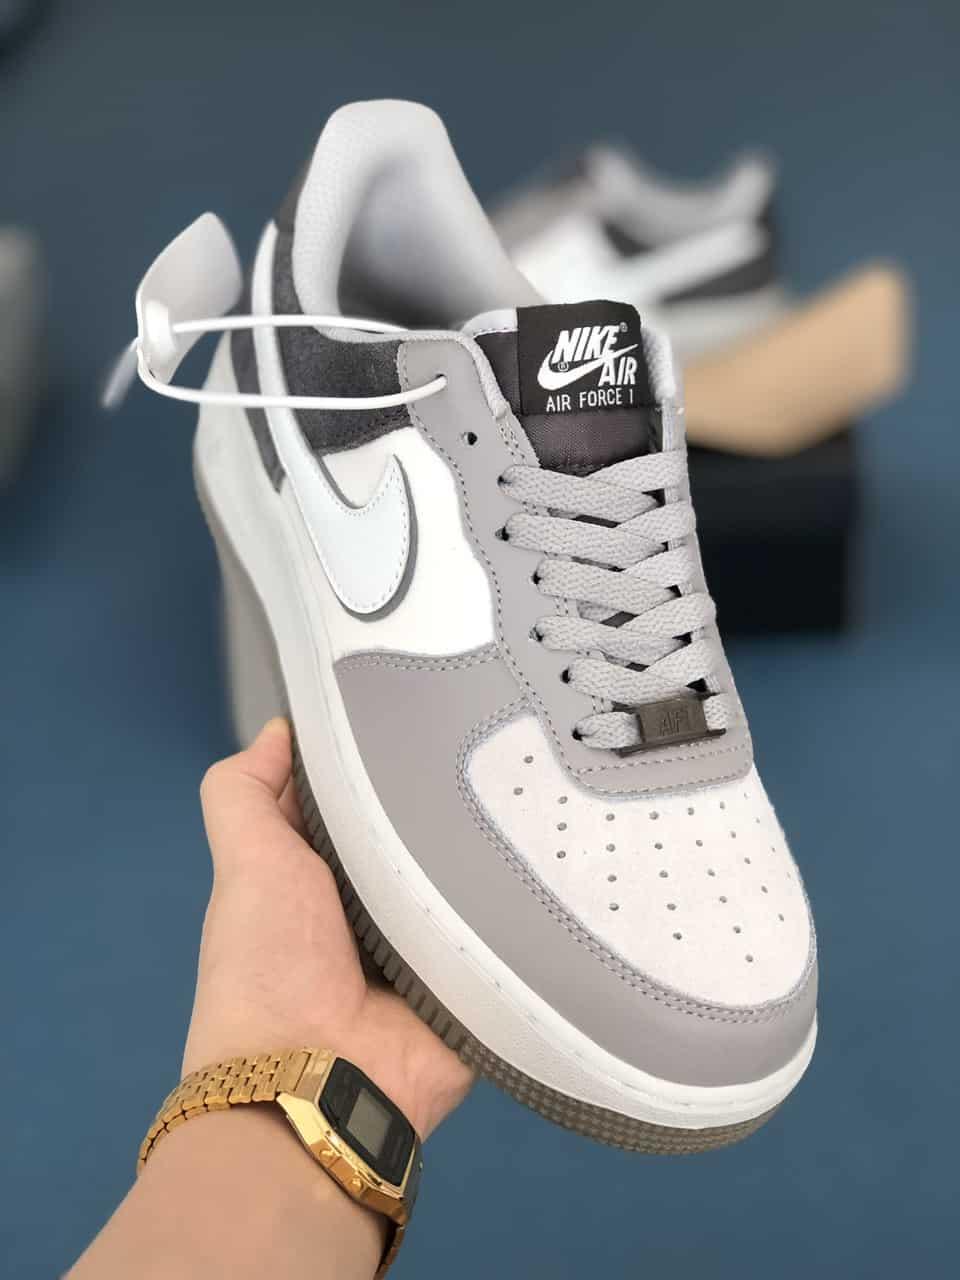 Giày Nike Air Force 1 Xám Đen rep 1:1 có nhiều chi tiết nổi bật và ấn tượng